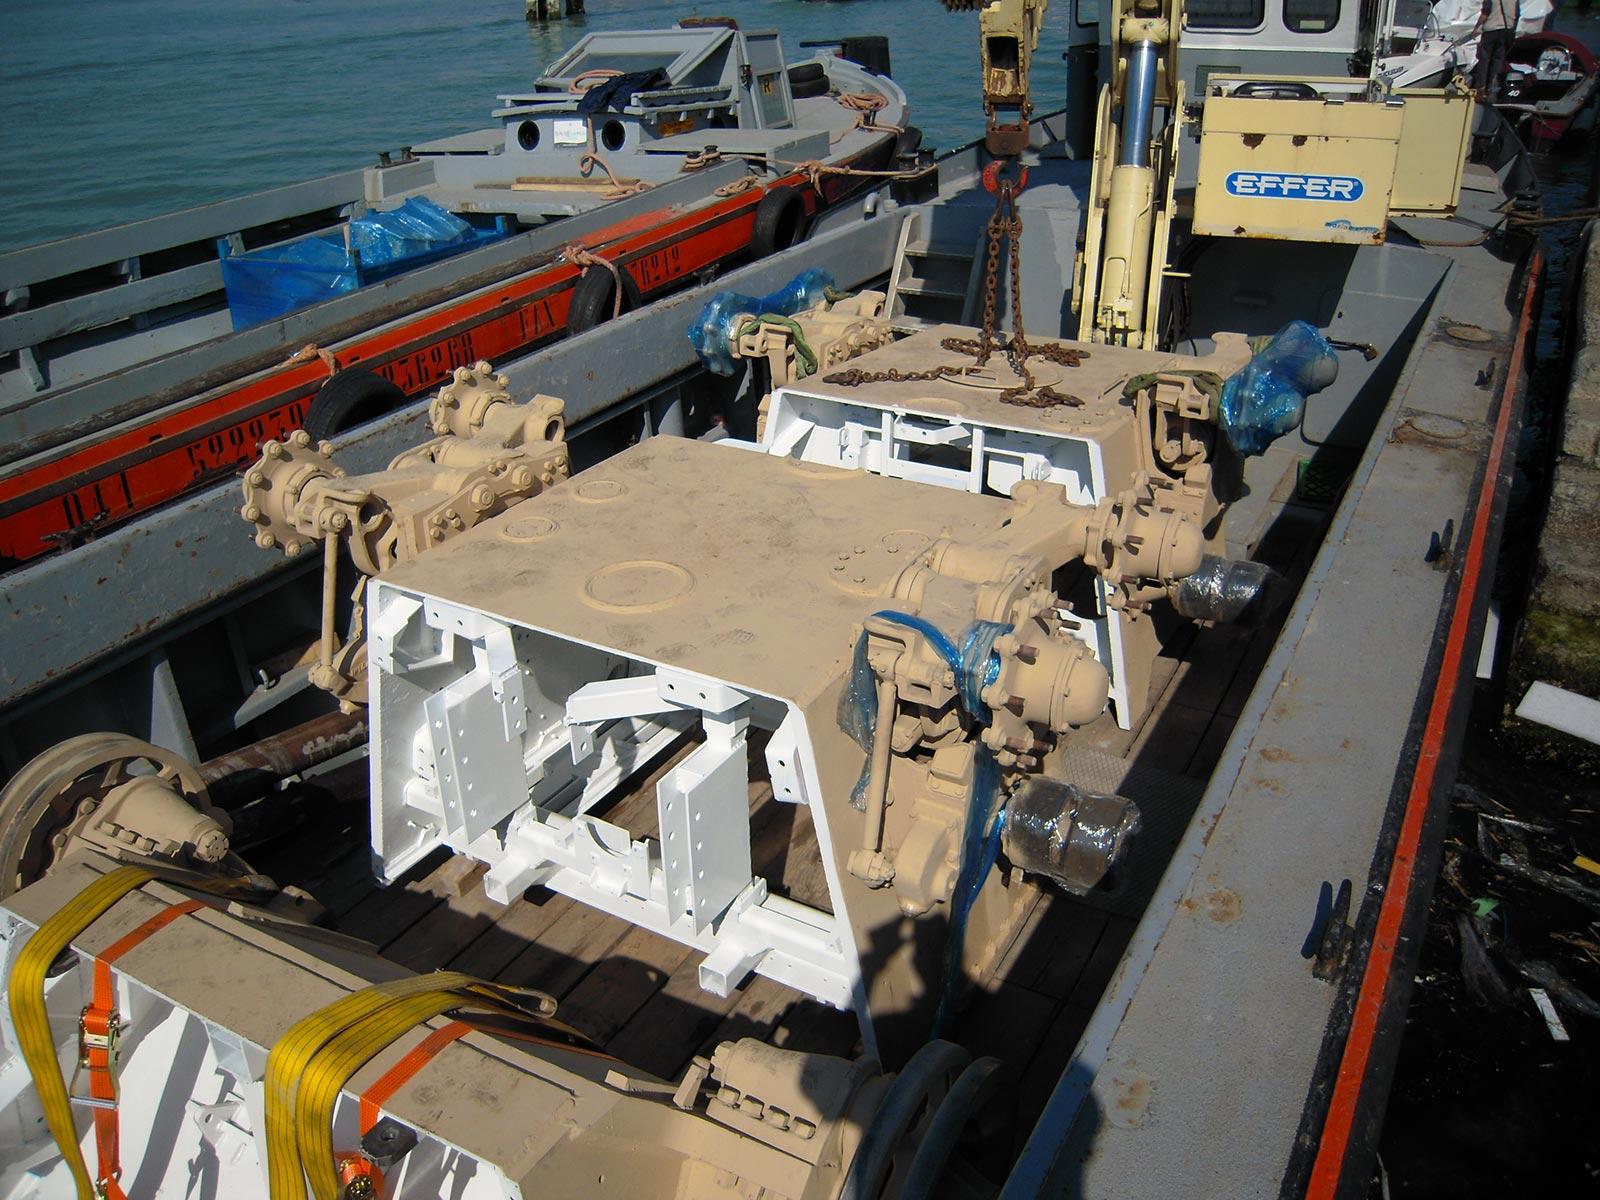 Carico motori navali Tronchetto